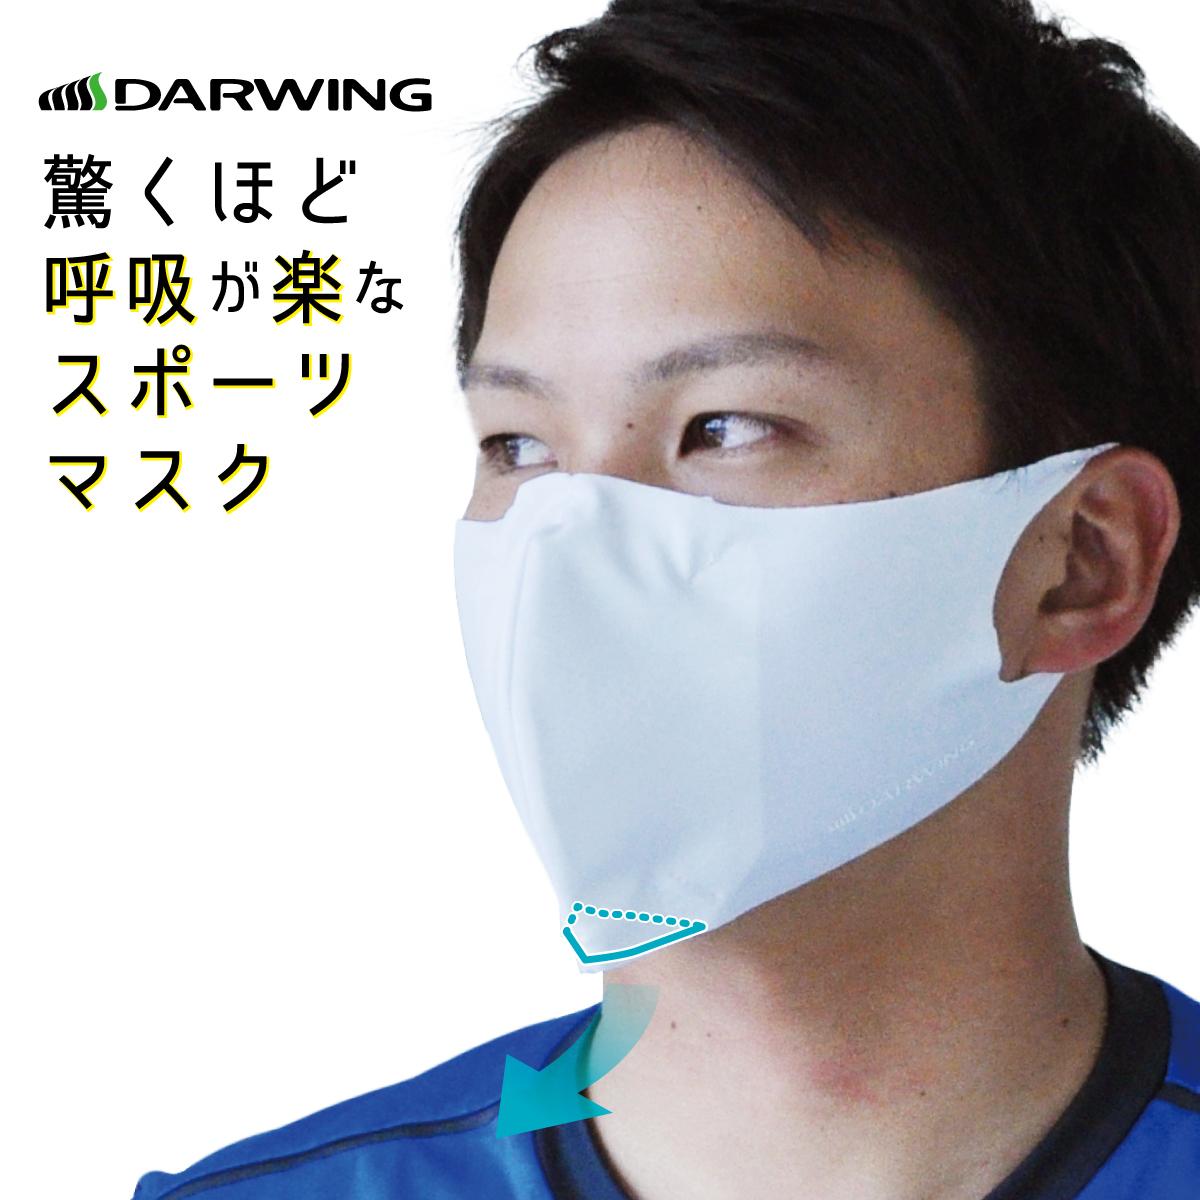 やすい マスク し 息